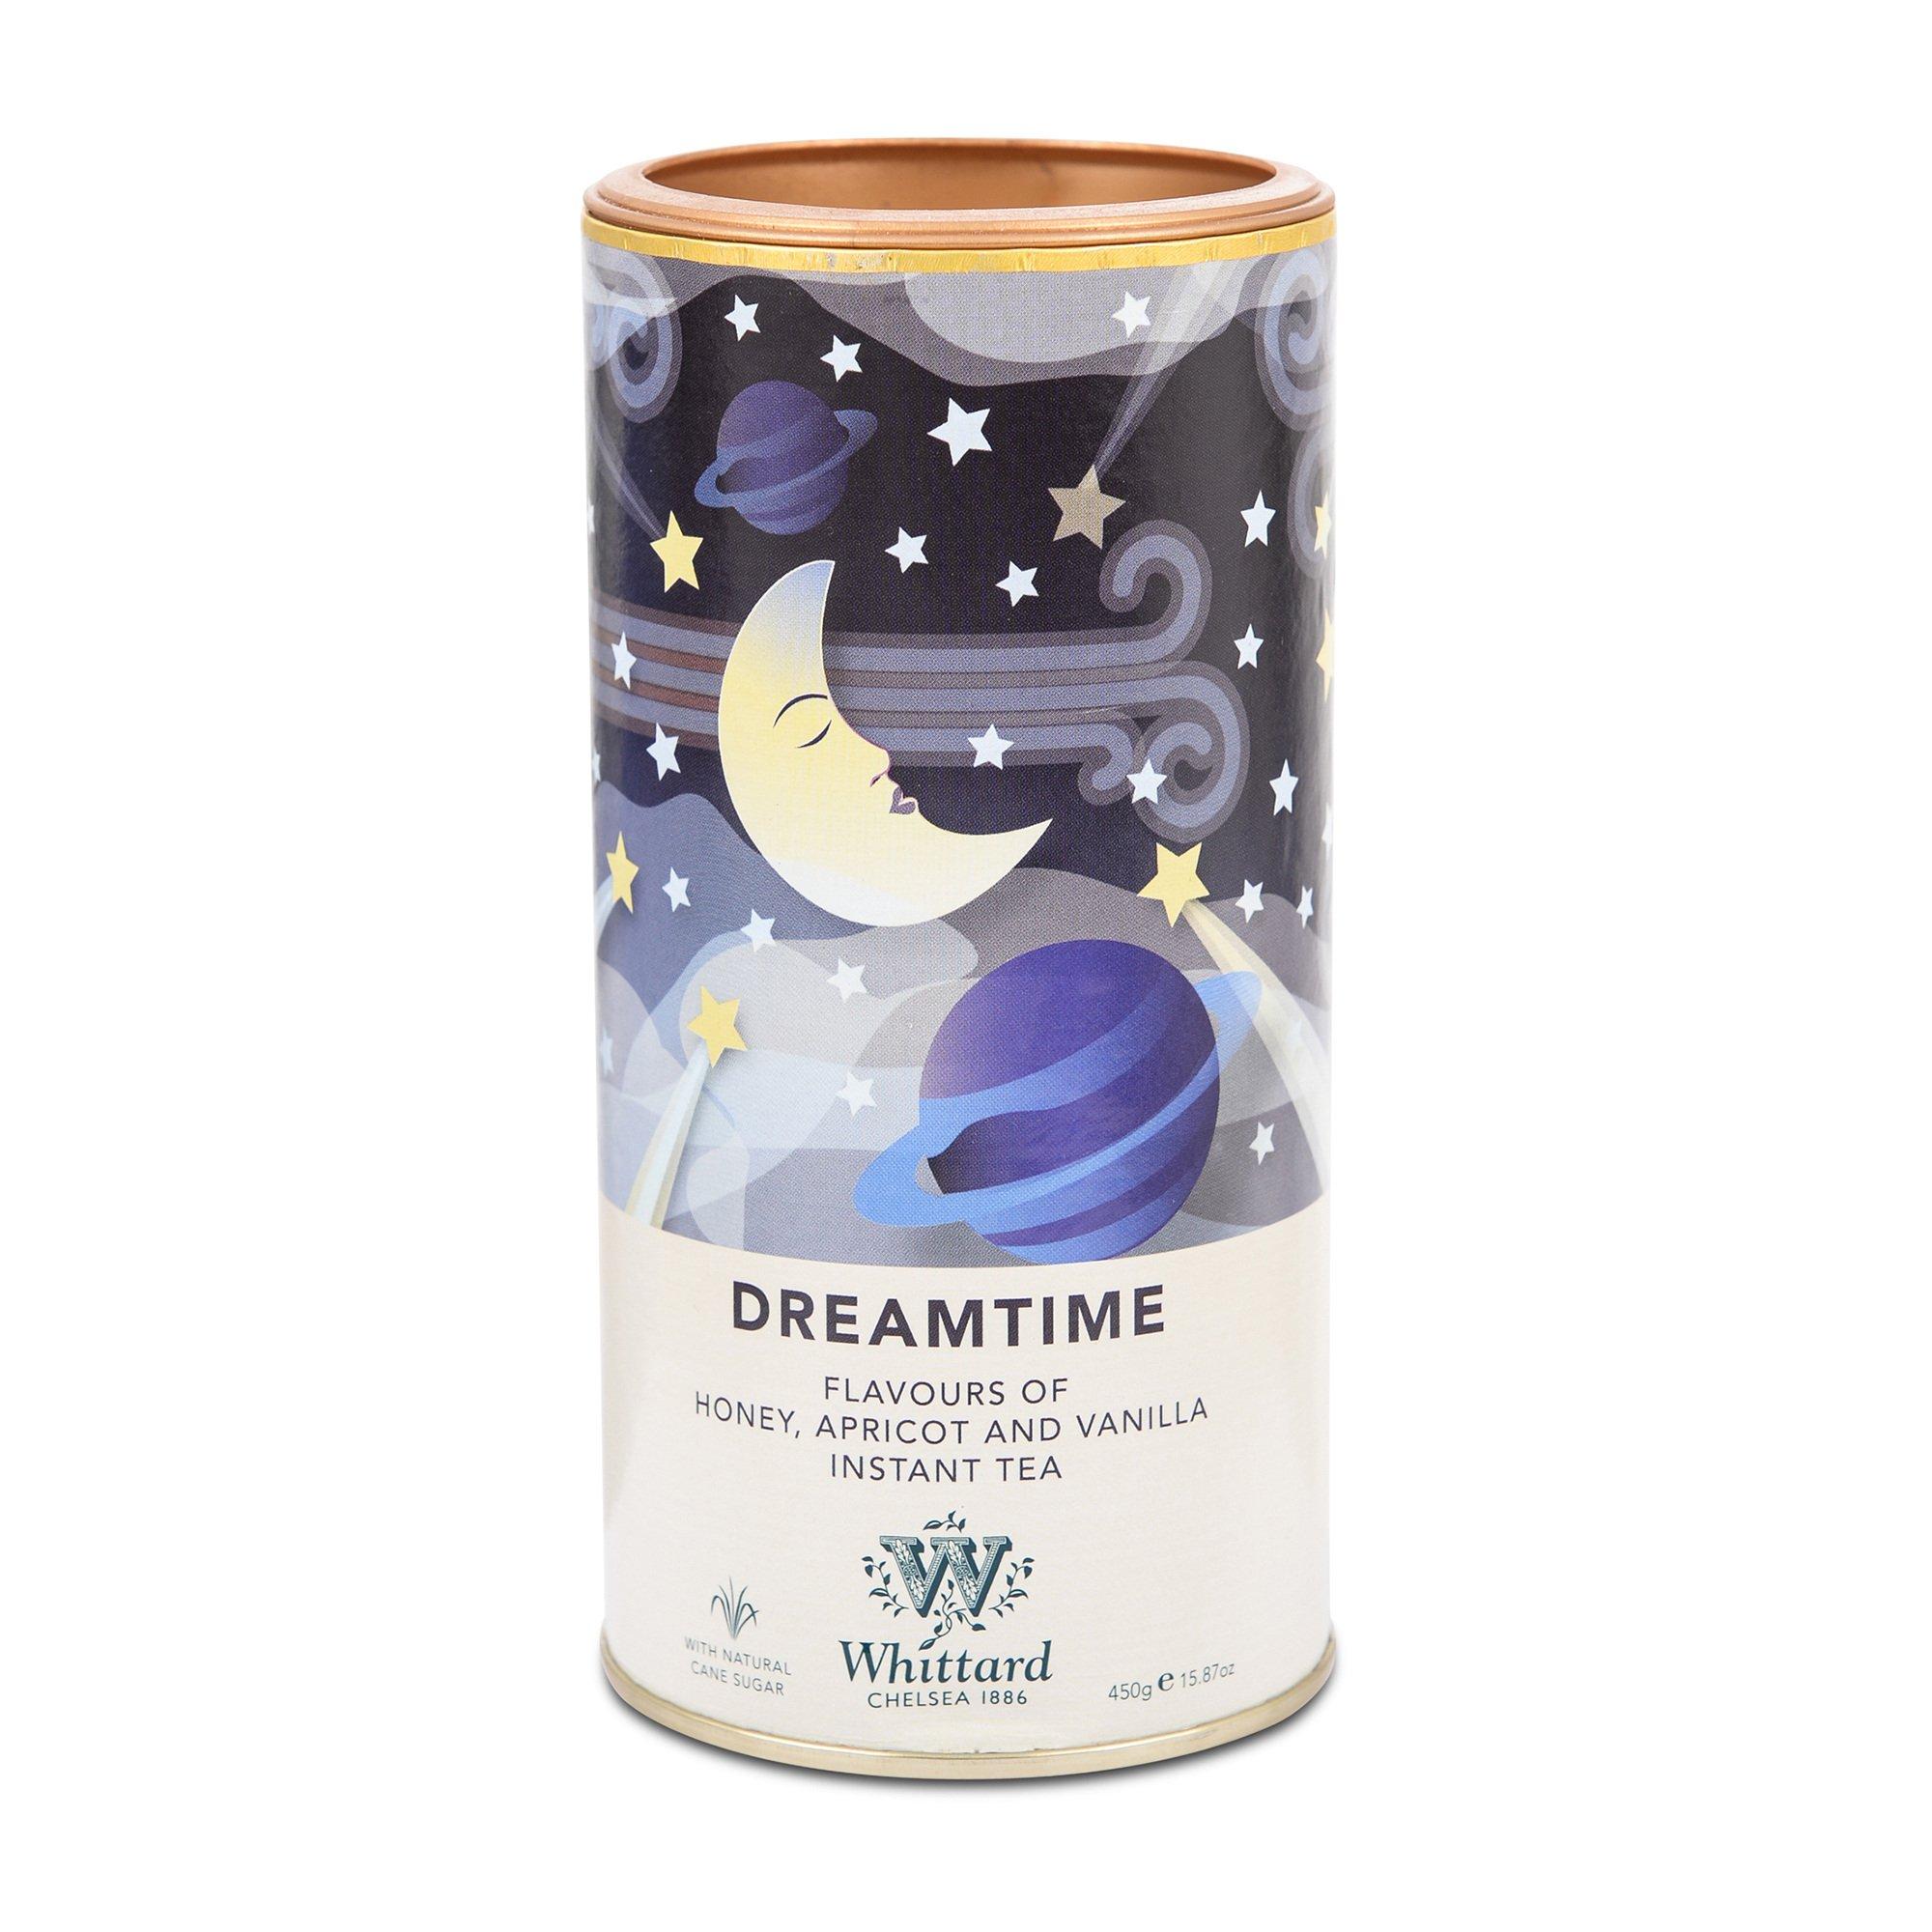 Whittard-Dreamtime-Sofortig-Tee-450g